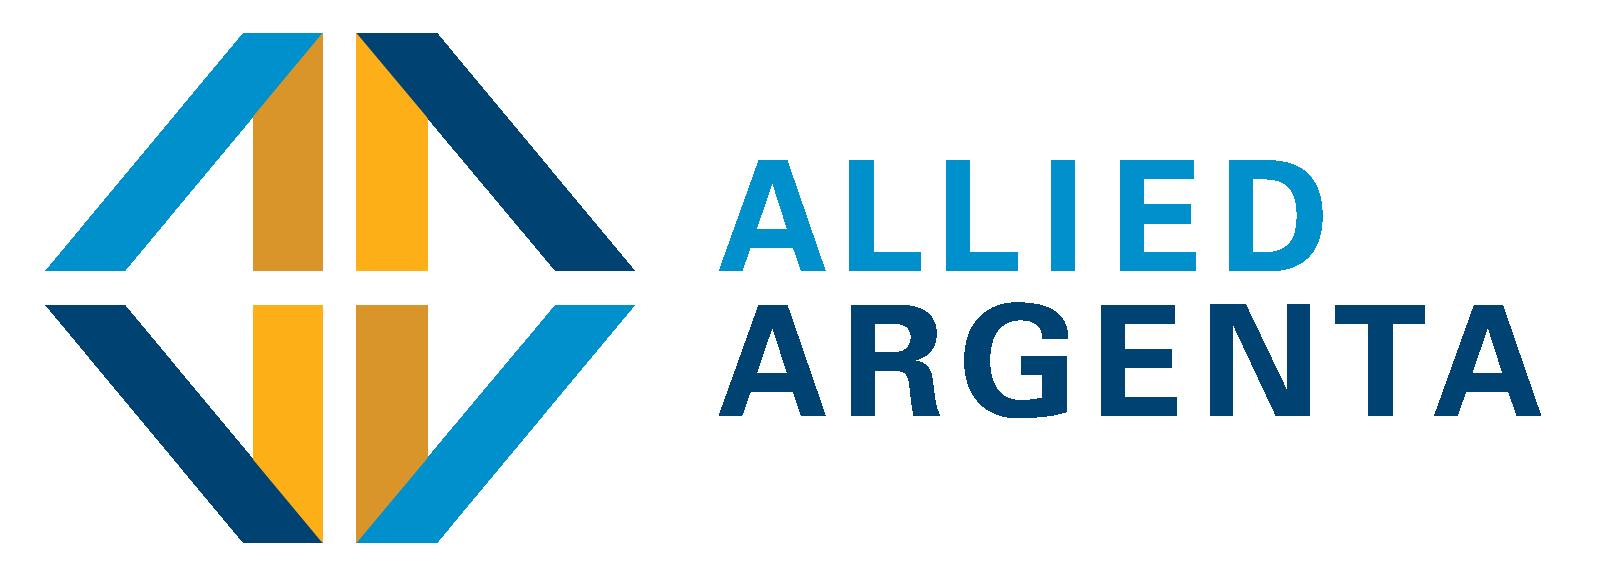 Allied Argenta